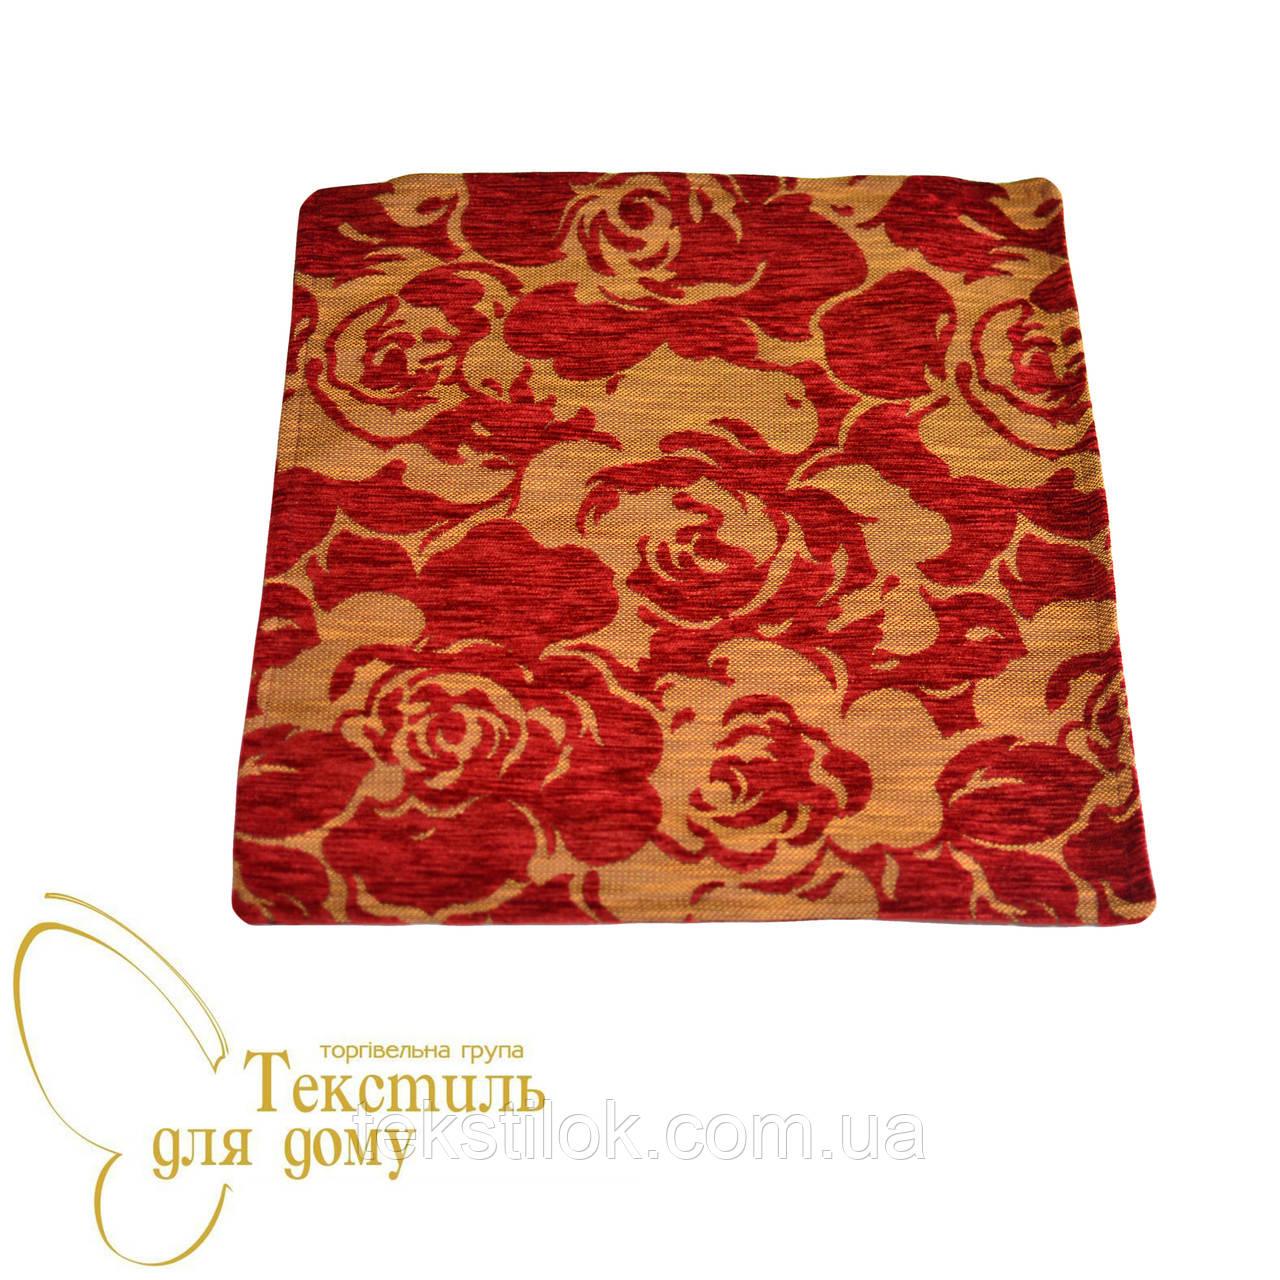 Наволочка декоративная рельефные цветы BURGAZ, красный